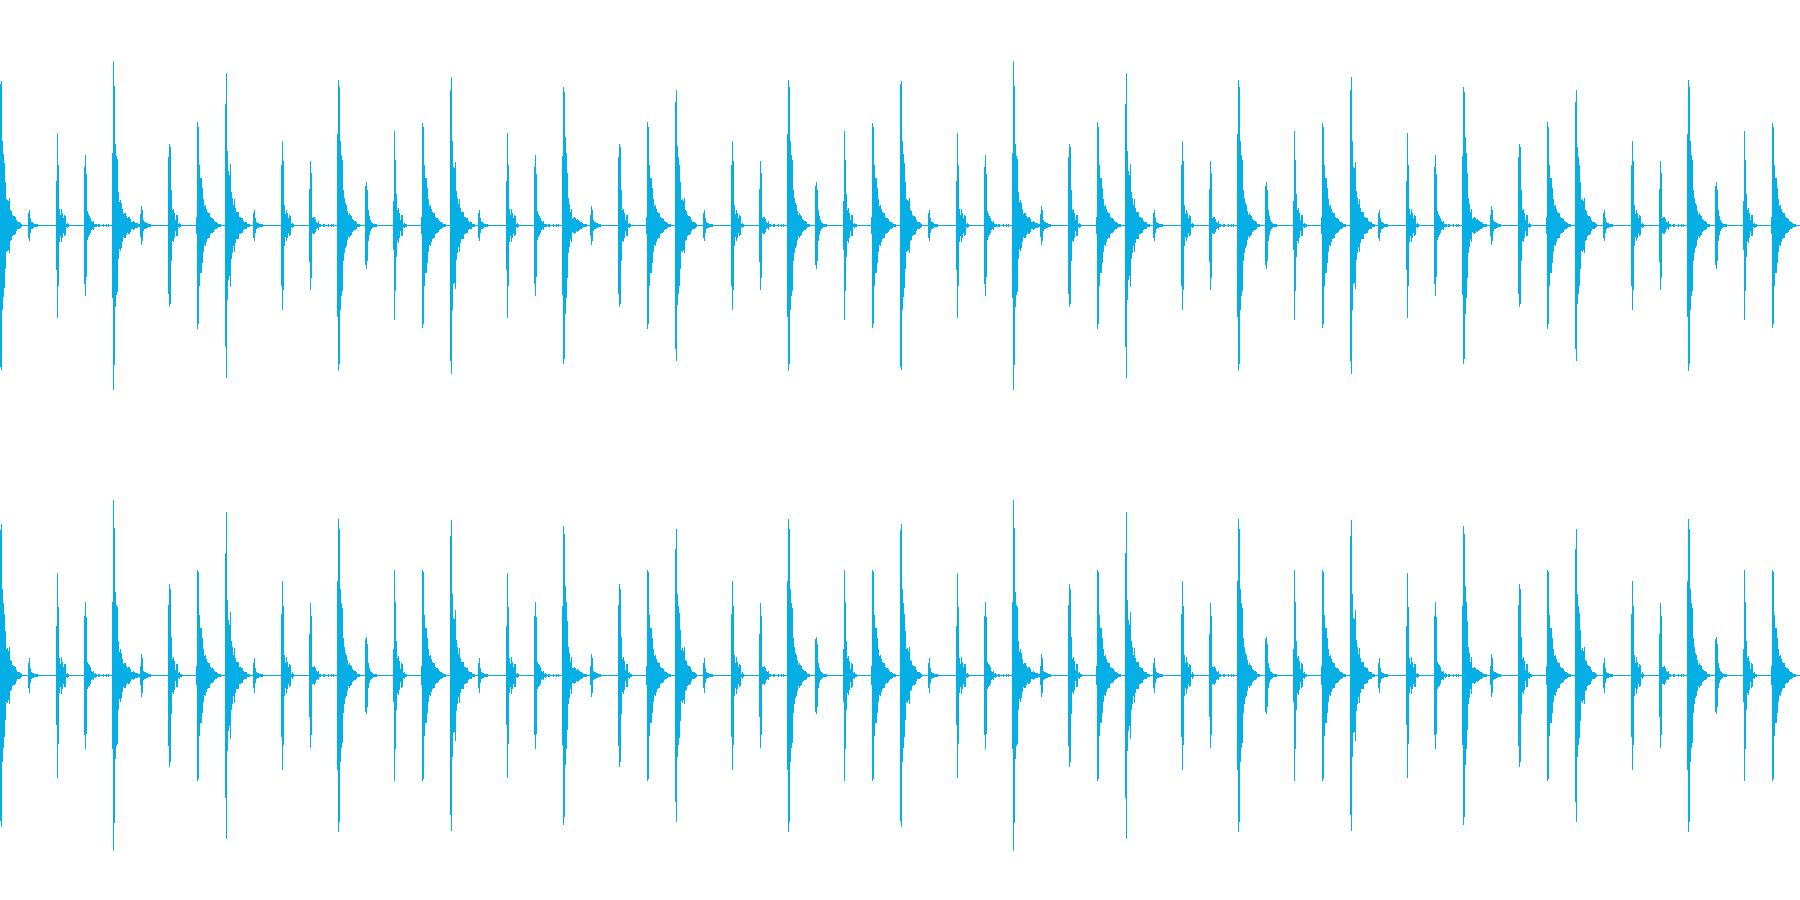 ボサノバのベーシックリズムパターンの再生済みの波形